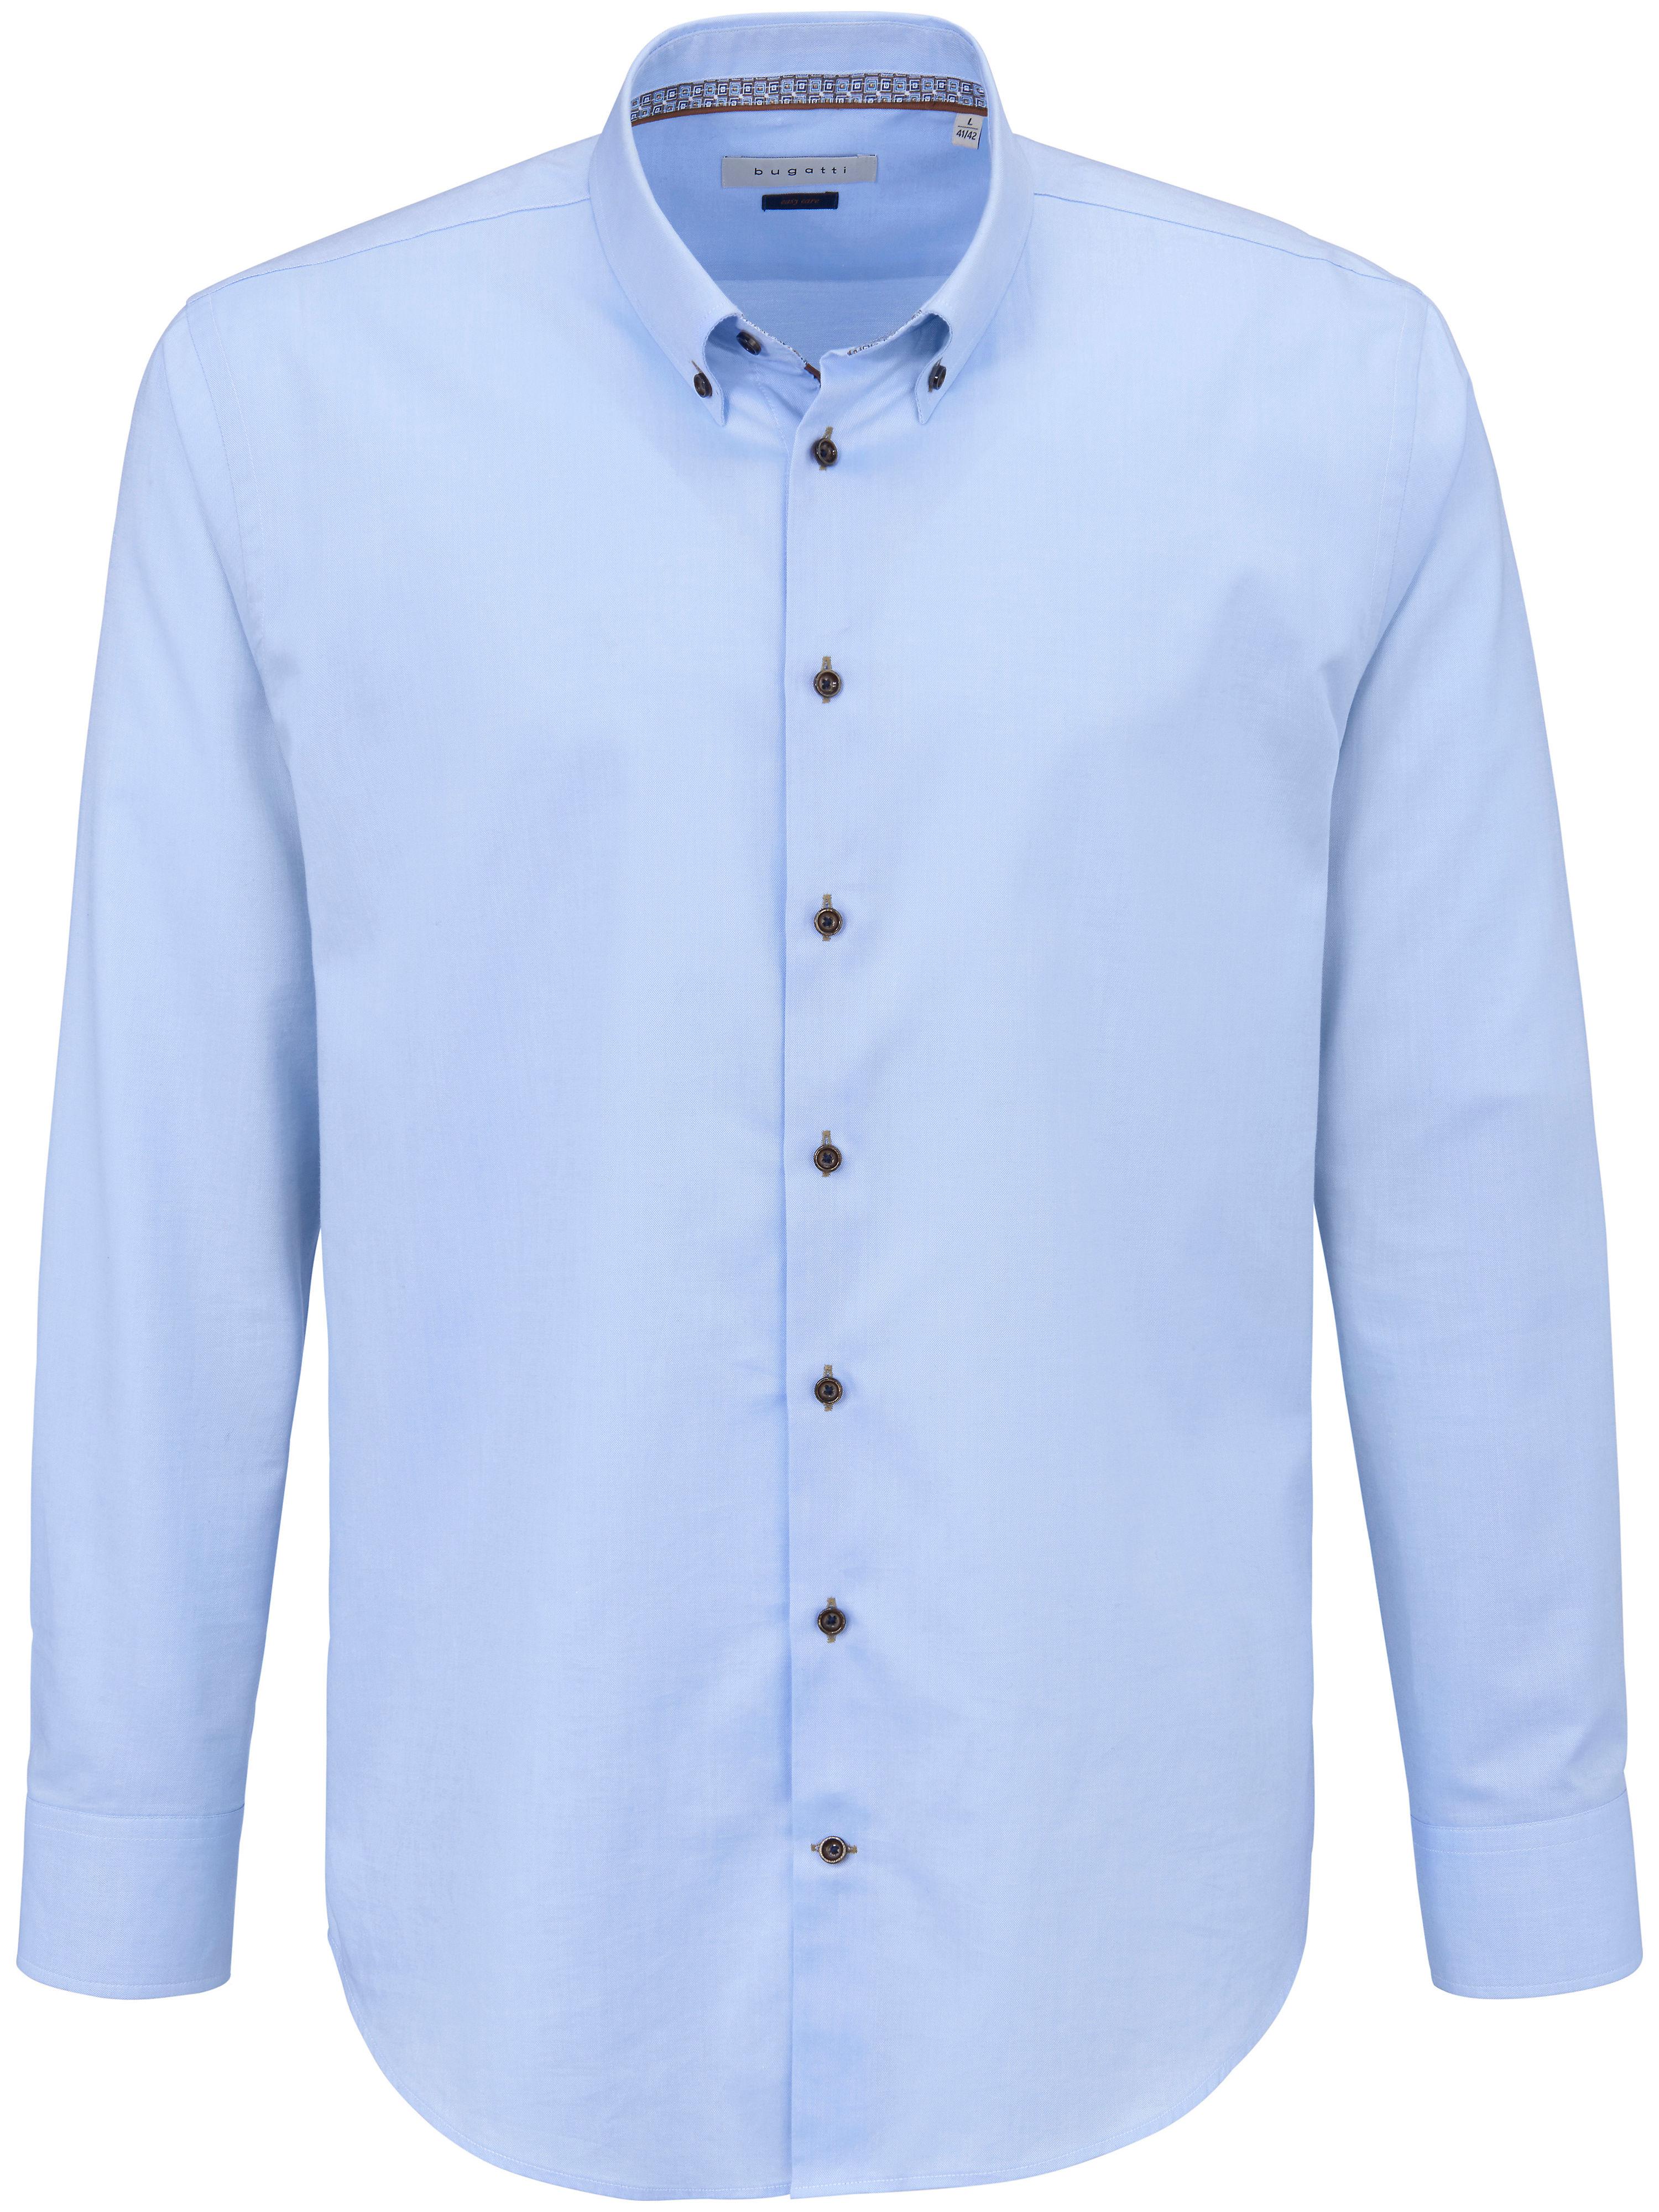 La chemise 100% coton  Bugatti bleu